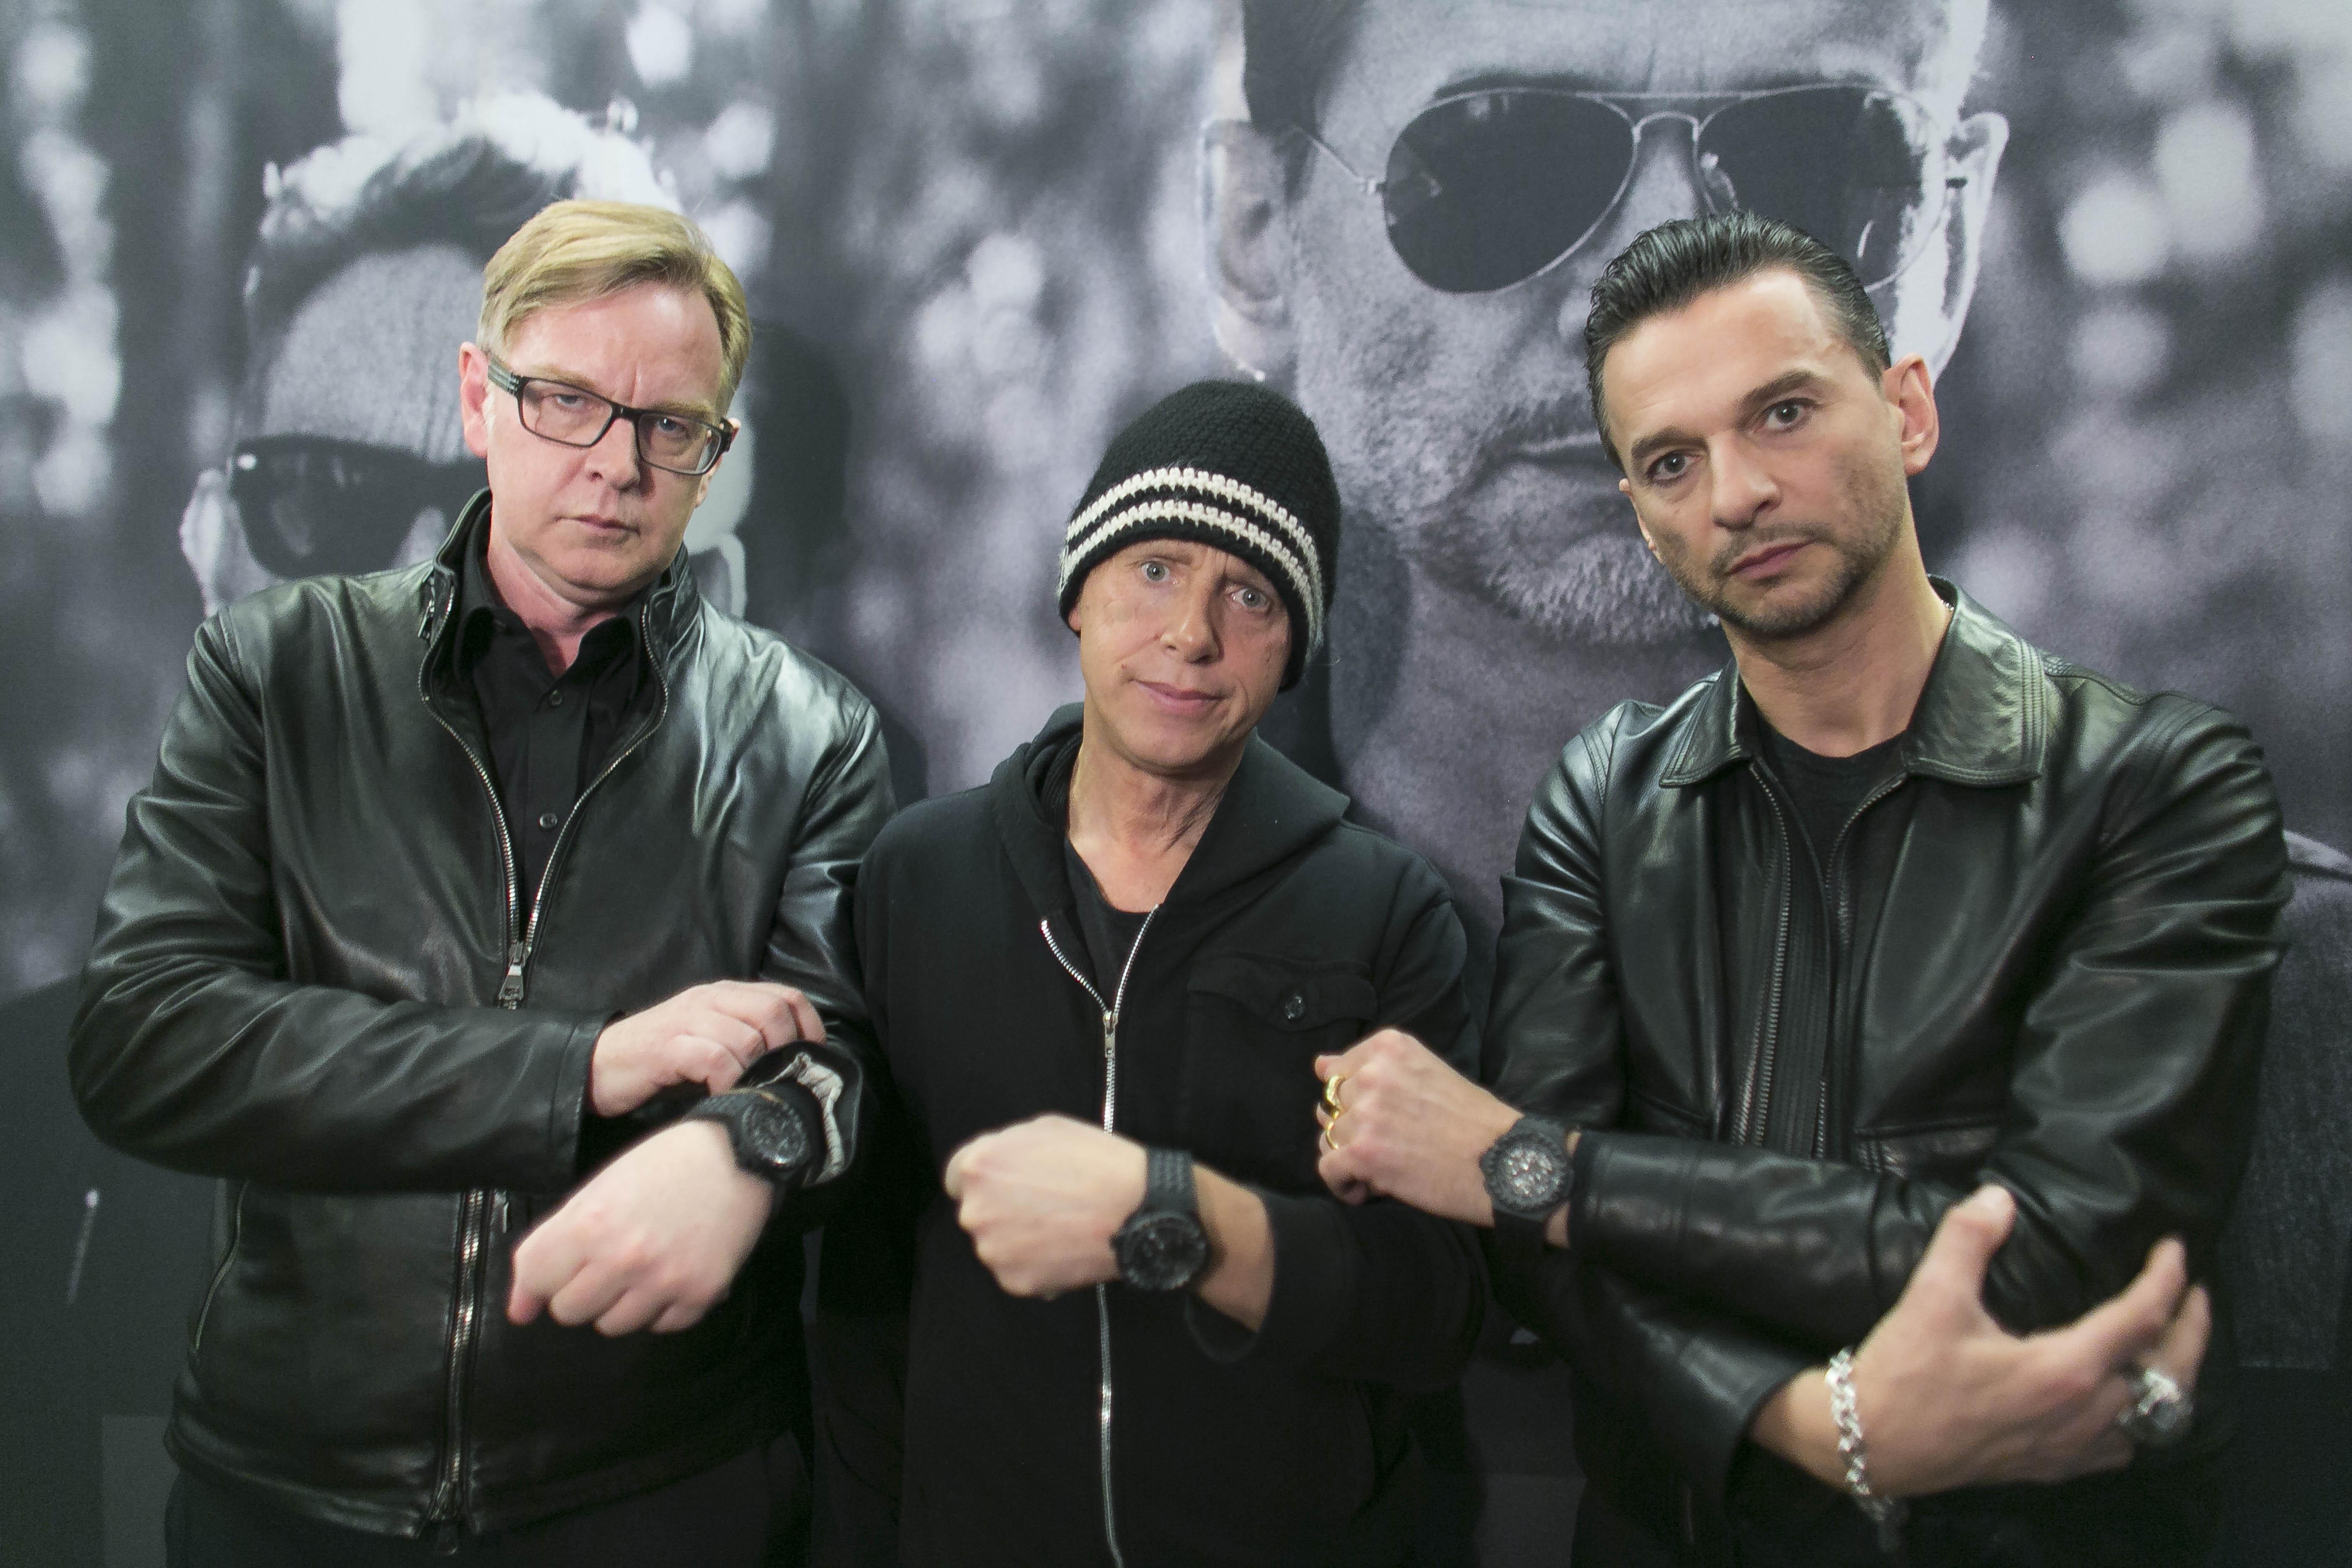 Andrew Fletcher, Martin Gore und Dave Gahan präsentieren ihr neues Album DELTA MACHINE im März 2013 in Berlin - und eine li